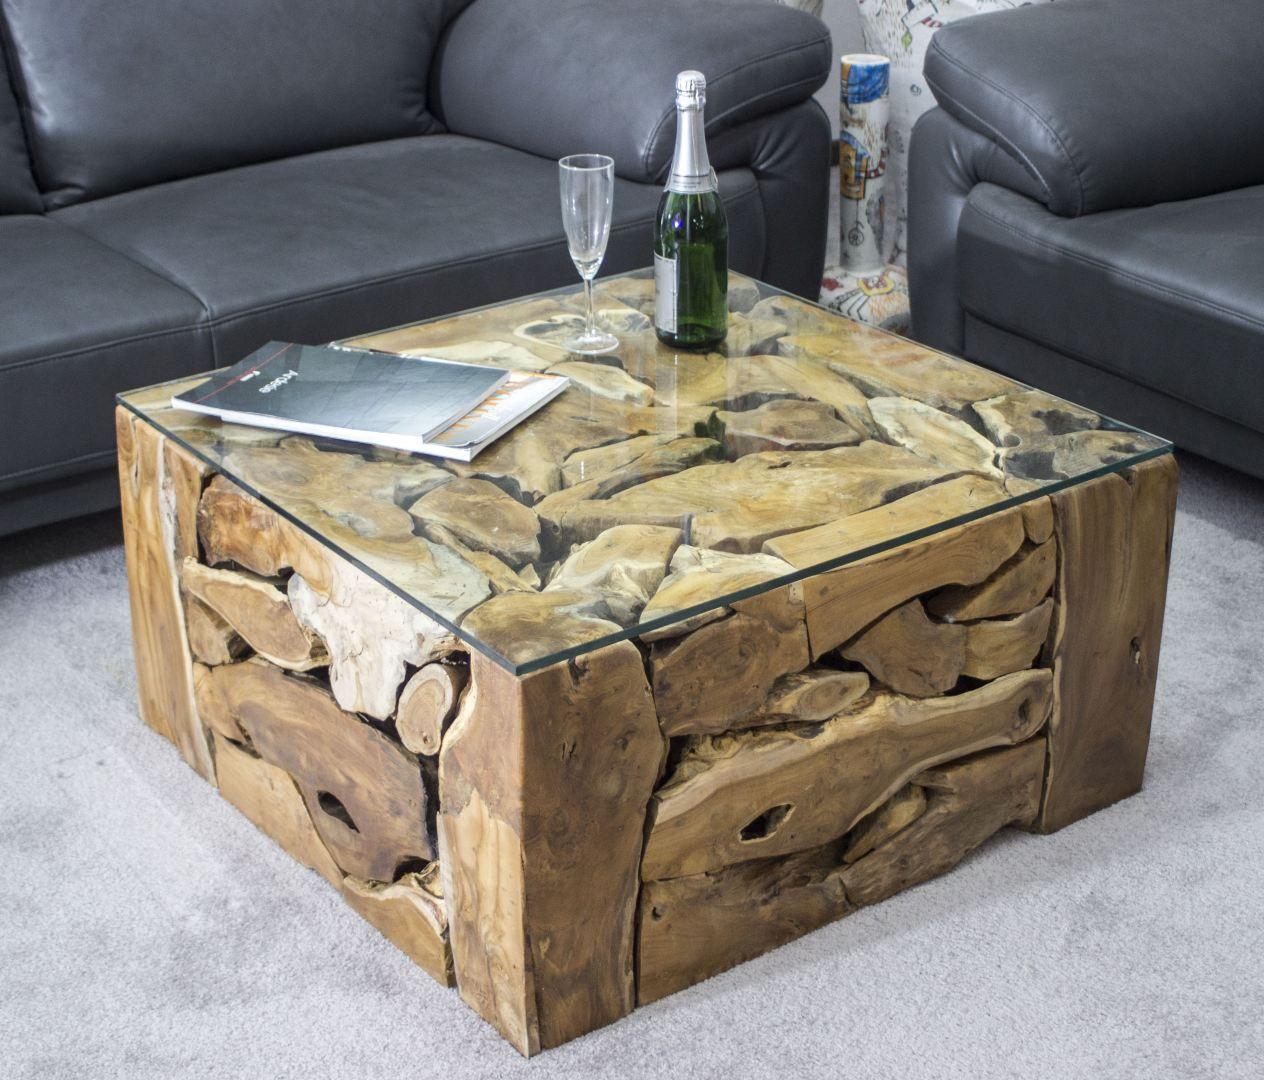 Couchtisch Madison 80 Cm Rund Metall Holz Korb Weiss Sofatisch